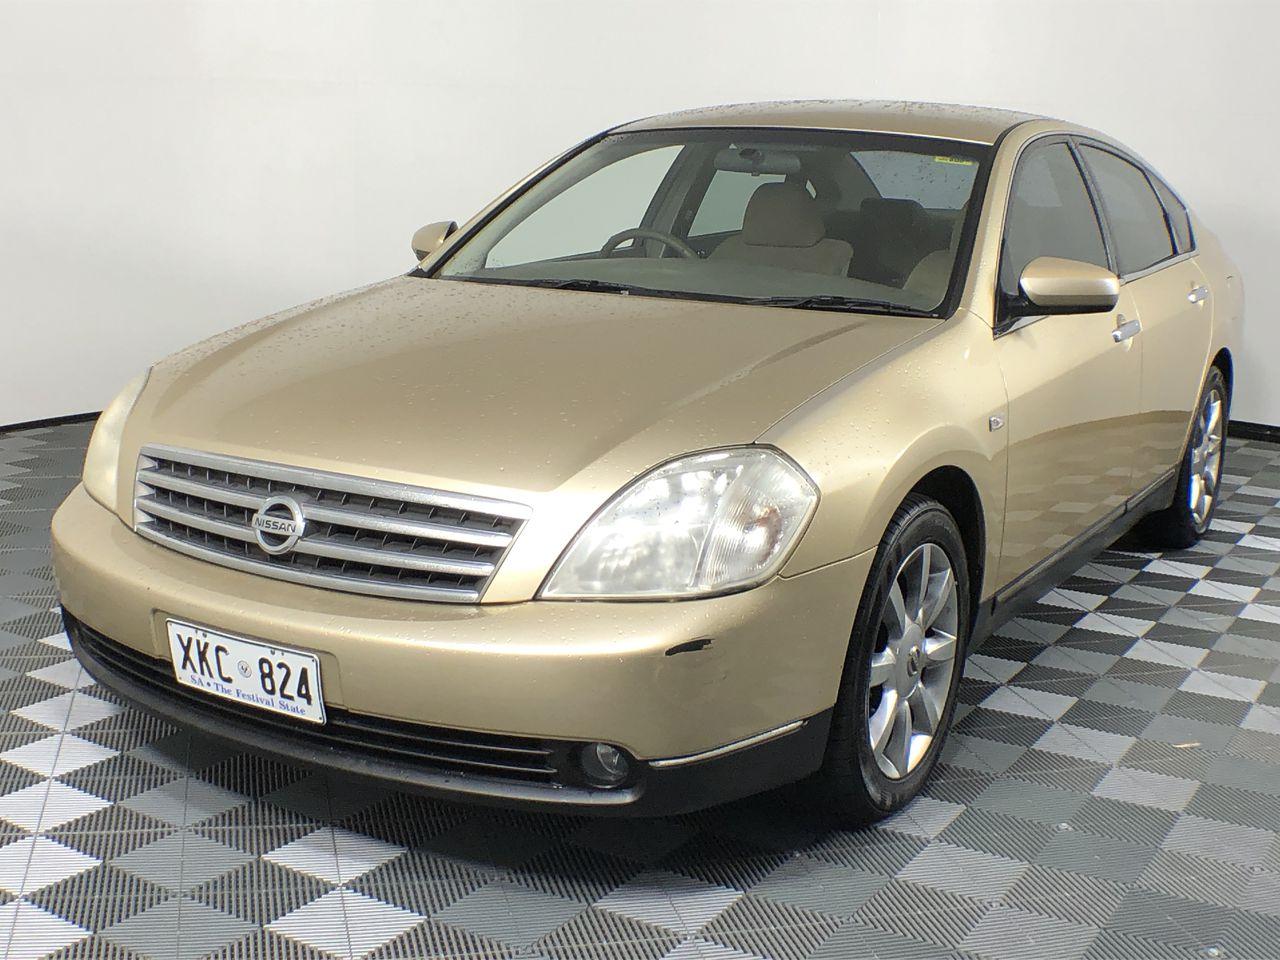 2004 Nissan Maxima ST-L J31 Automatic Sedan